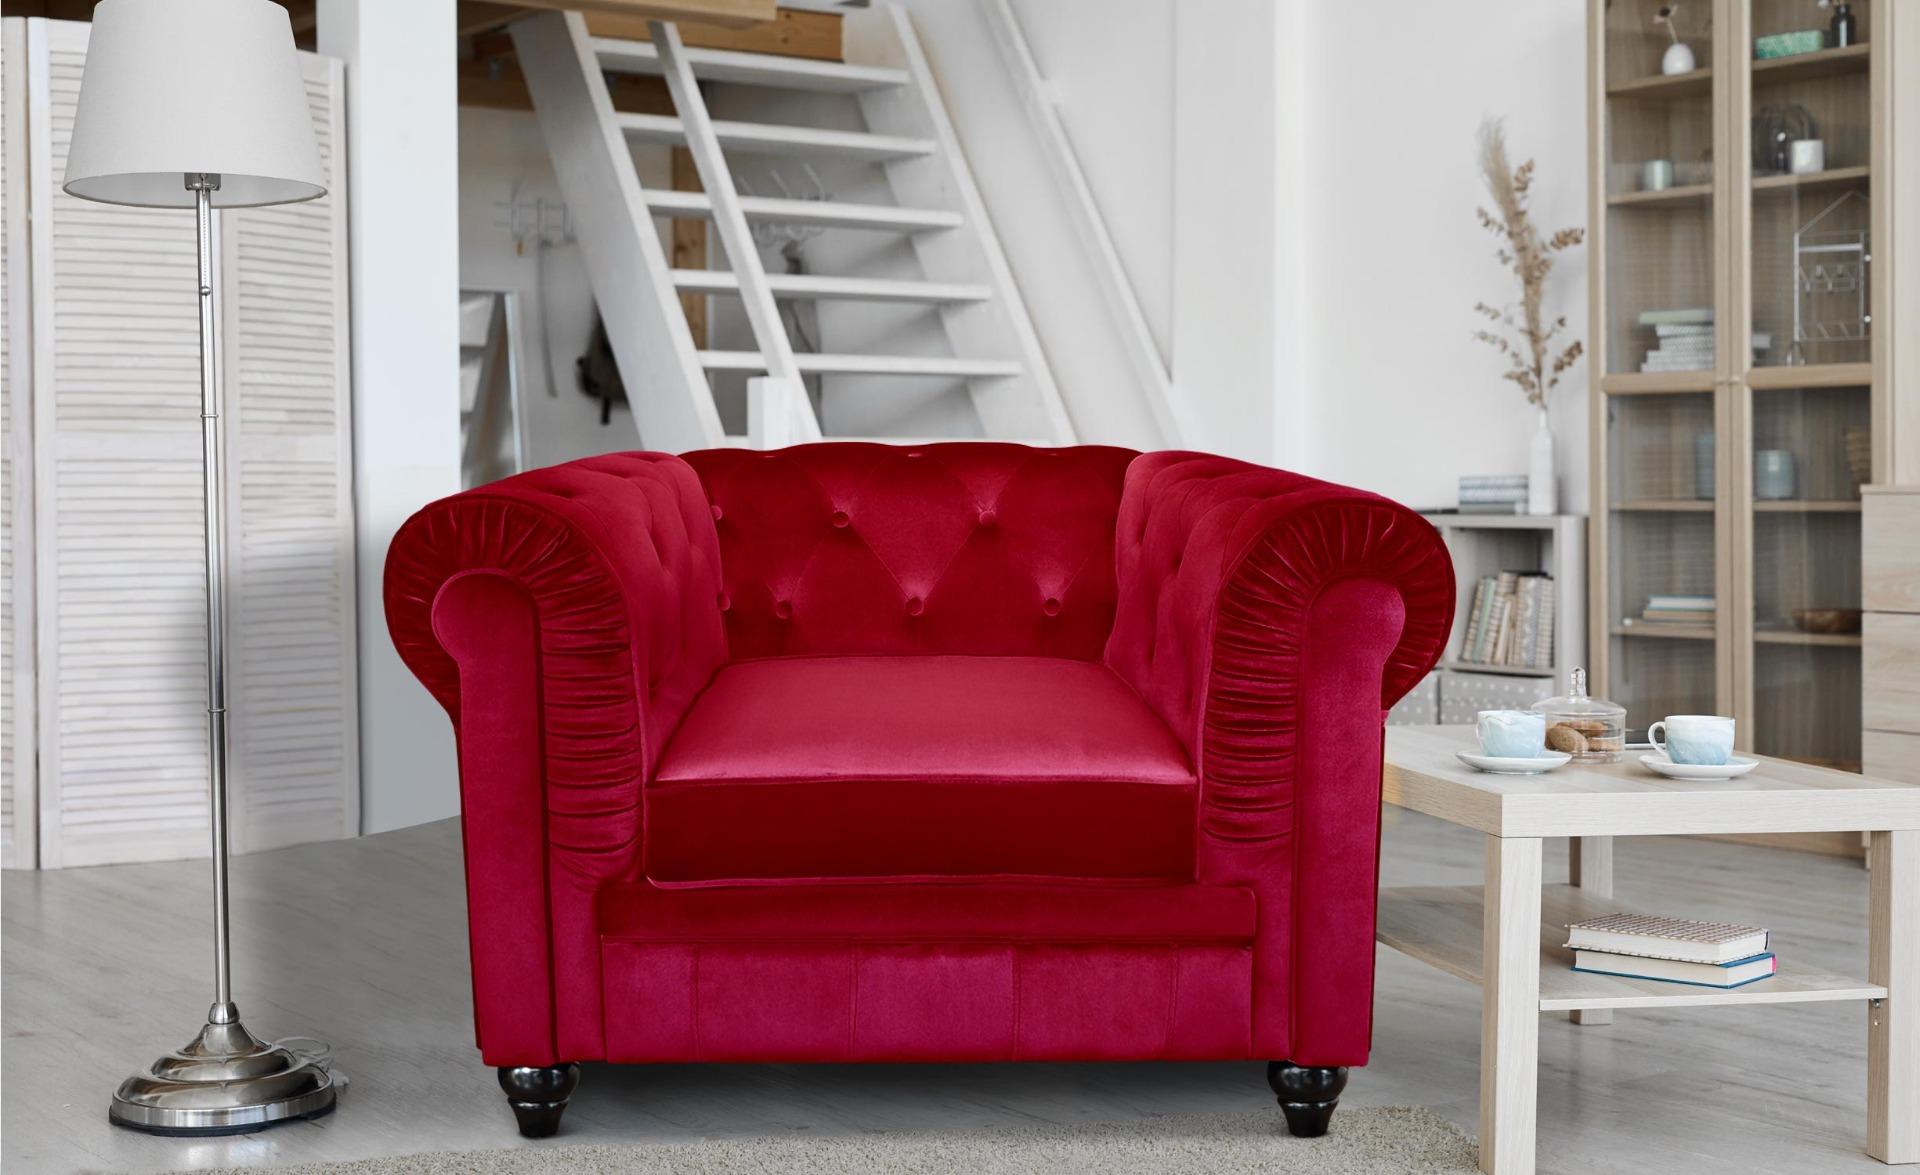 Poltrona Chesterfield in velluto rosso